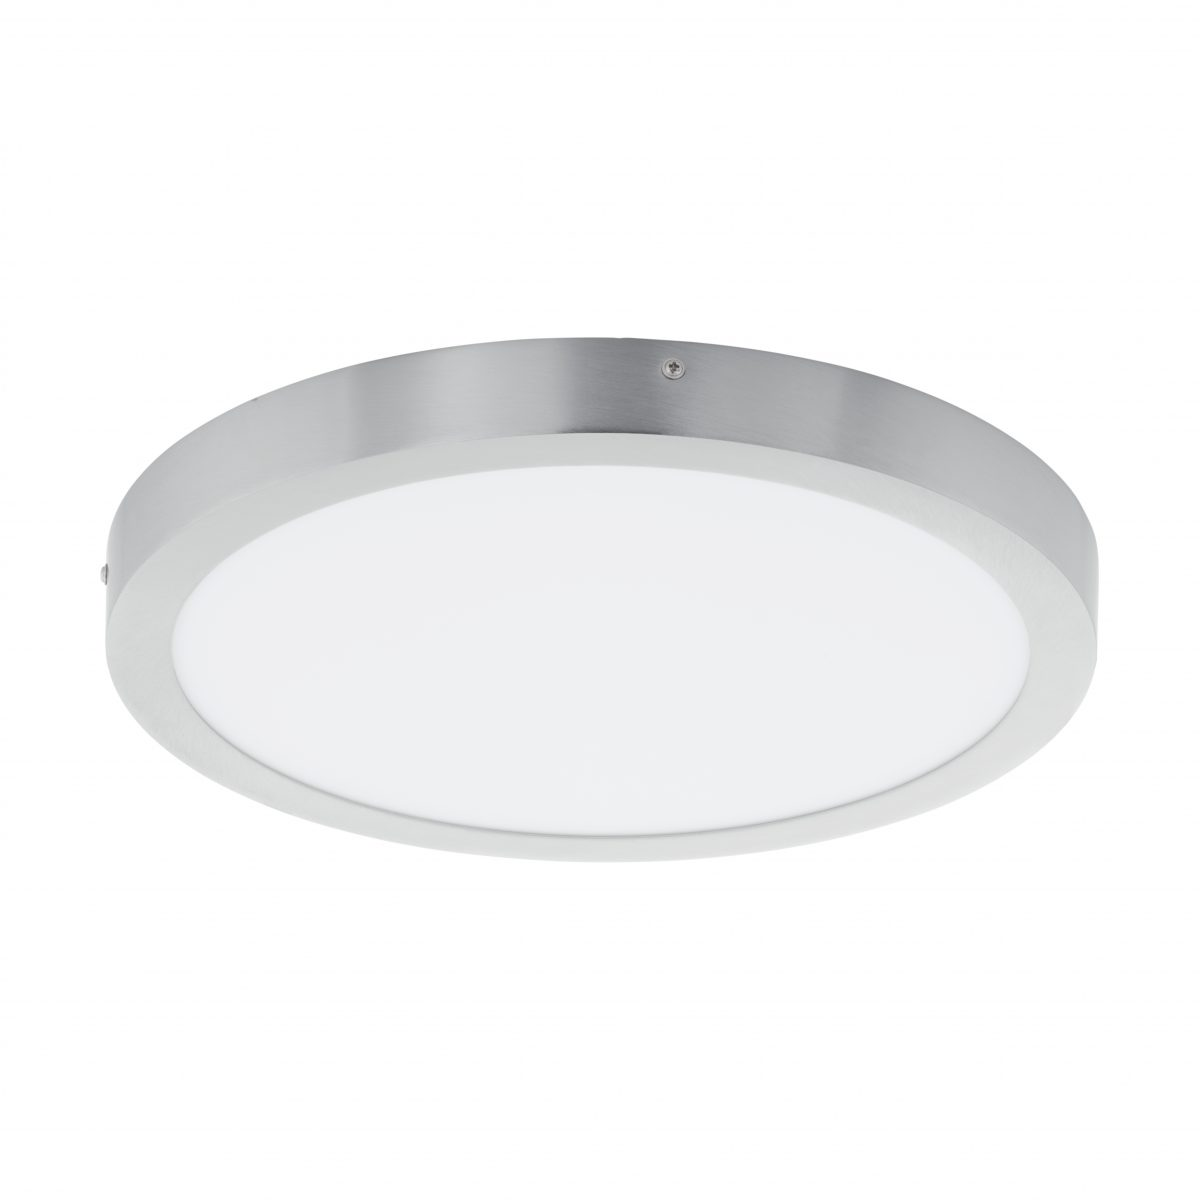 Светильник настенно-потолочный FUEVA 1 EGLO 97267 - Фото №28